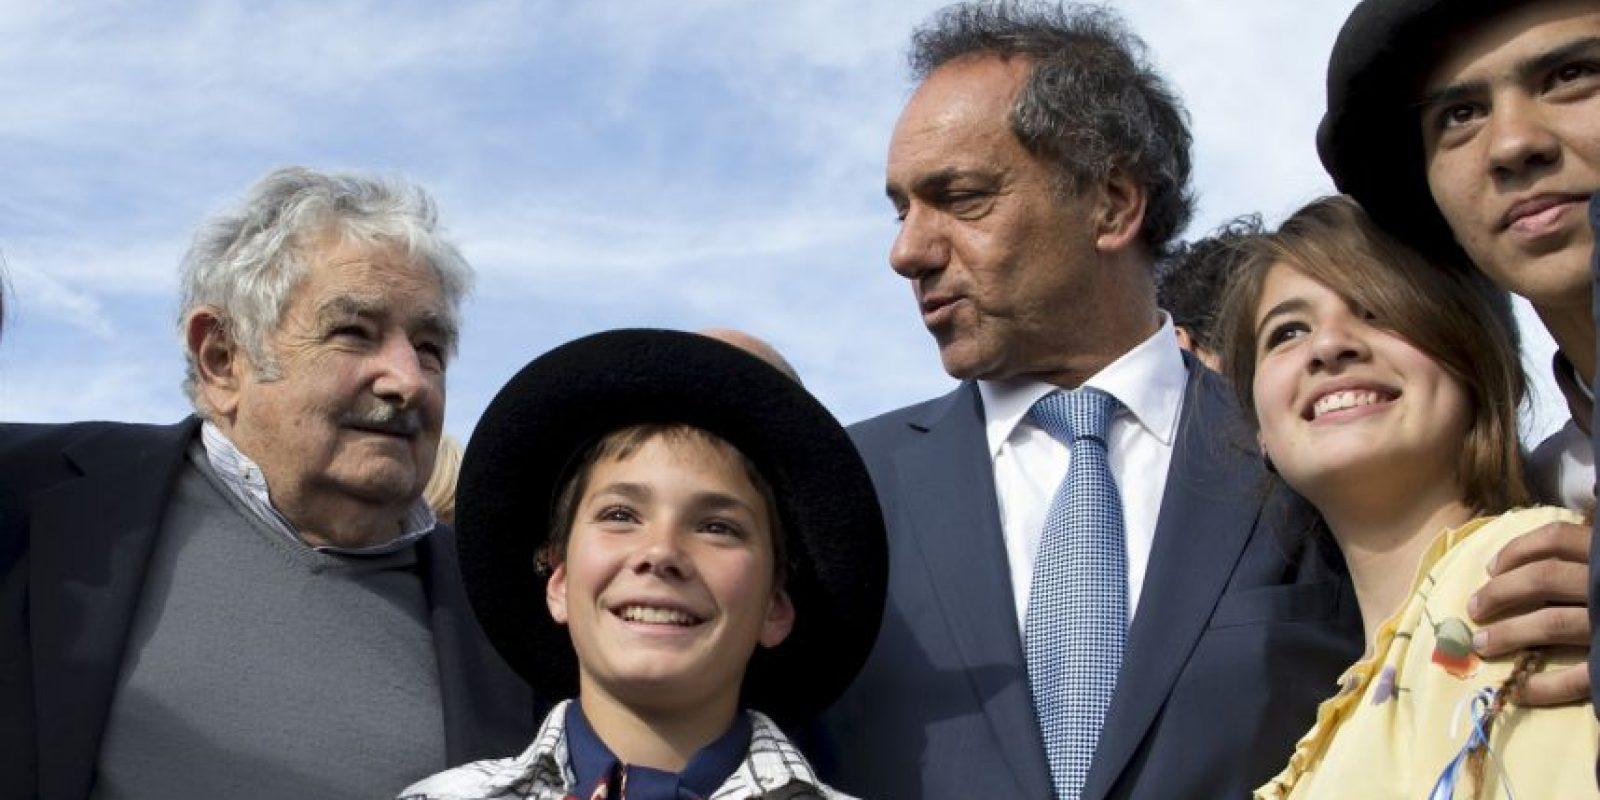 El candidato es apoyada por la actual presidenta de argentina Cristina Kirchner. Foto:AP